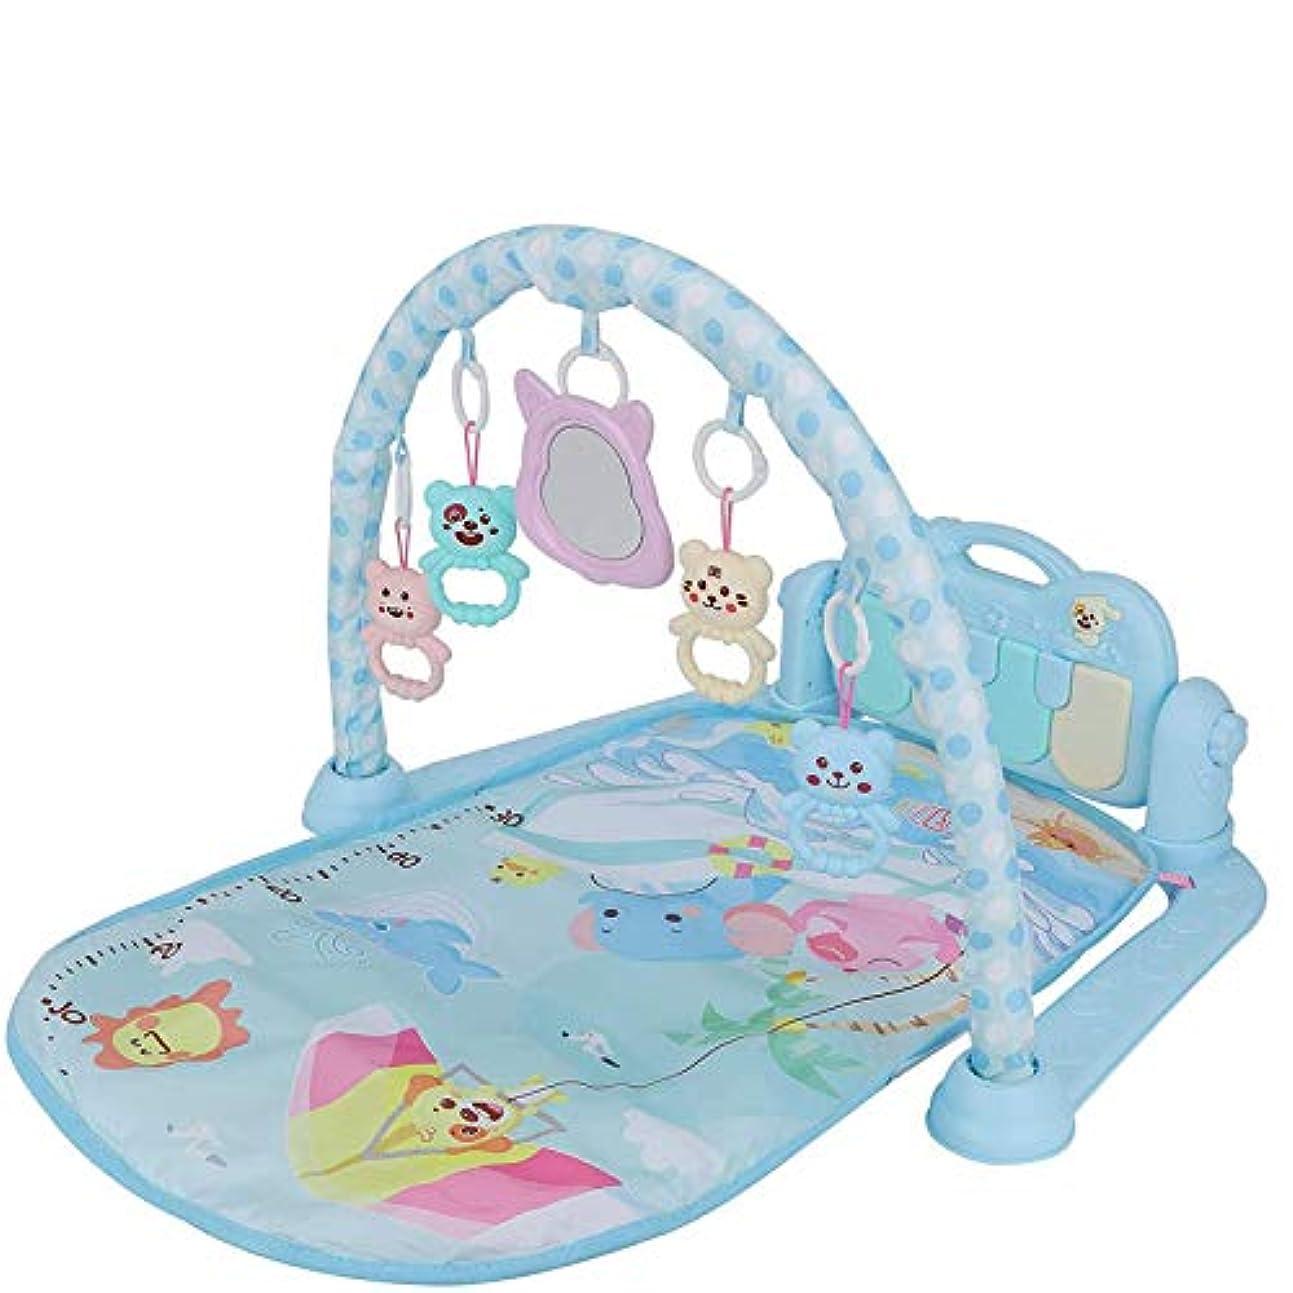 重くするコードにもかかわらず赤ちゃんのプレイマットは、新生児、乳児、新生児用ガラガラ&ぬいぐるみと電気学習ジャングルジム用マットのジムを再生します